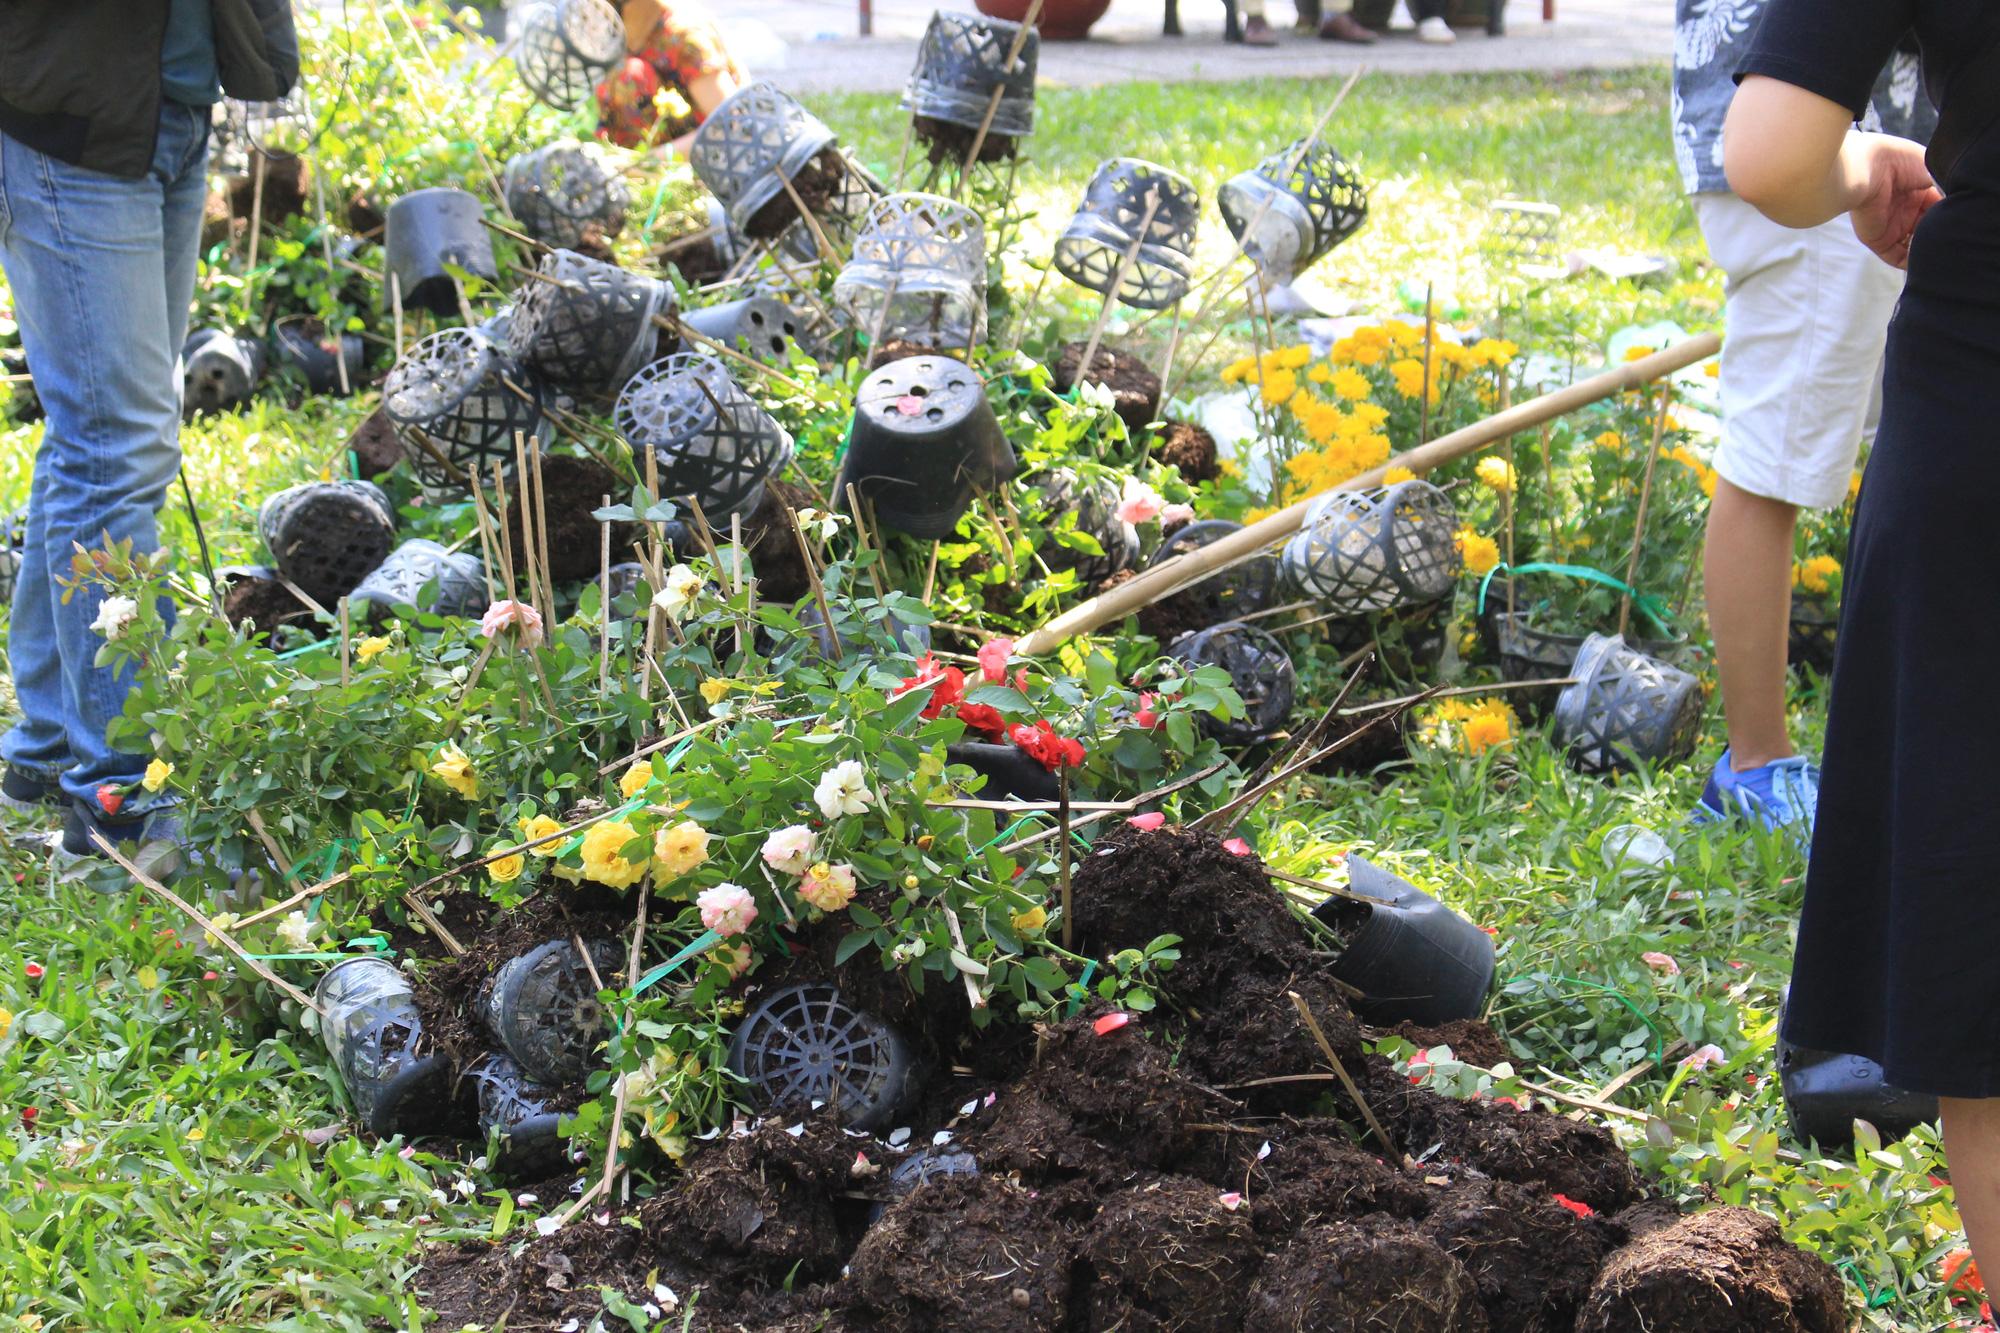 Đập nát hoa trước quăng lên xe rác ở Sài Gòn trưa 30 Tết - Ảnh 4.